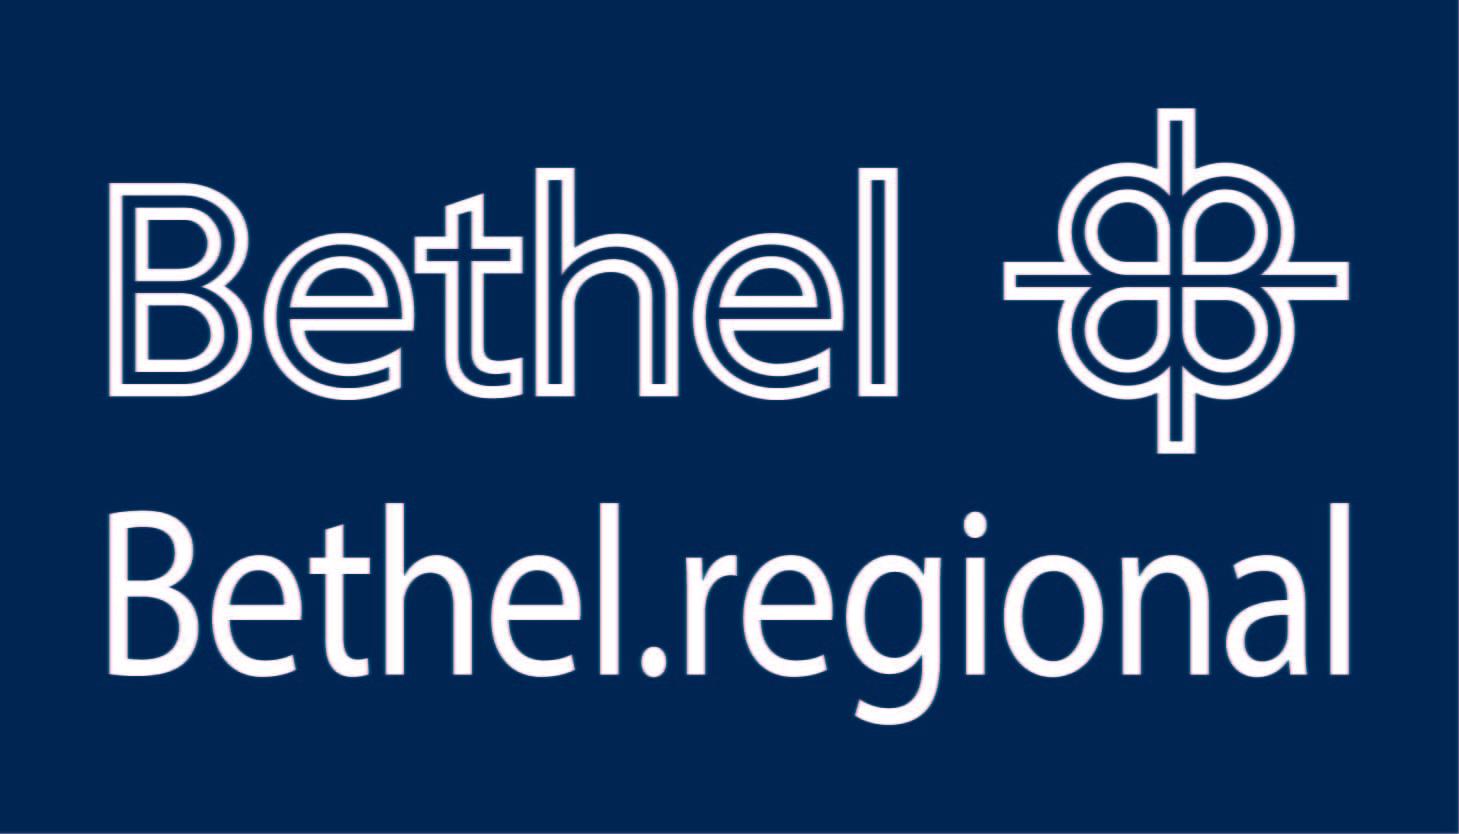 logo bethel.regional 3